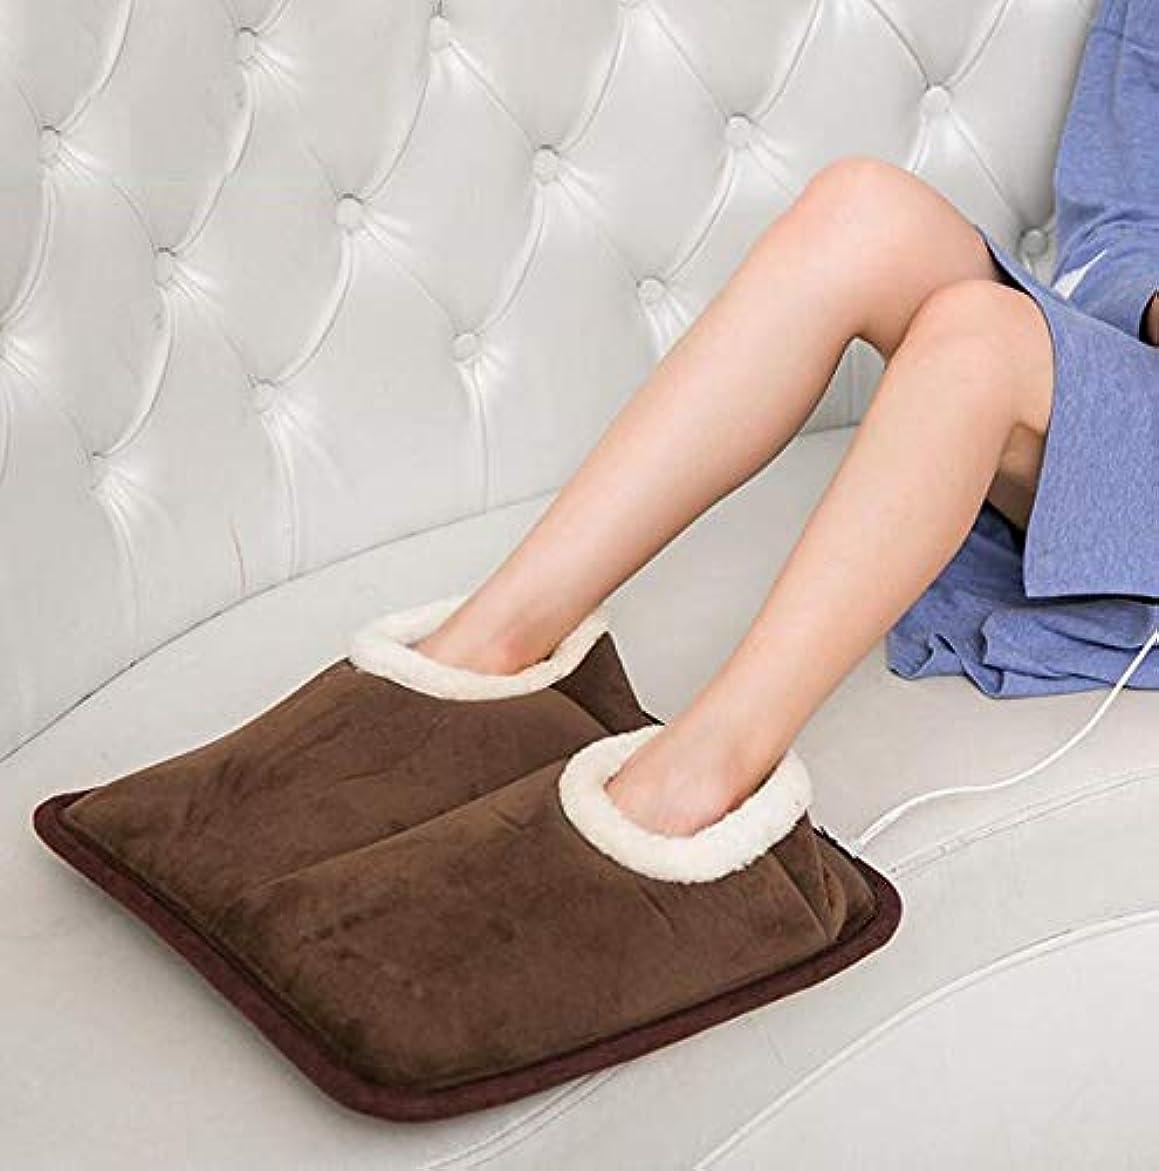 仕事に行くクレジット肥料メモシルクアイマスクシェーディング女性の通気性と快適な睡眠睡眠アイセット耳栓アンチノイズ